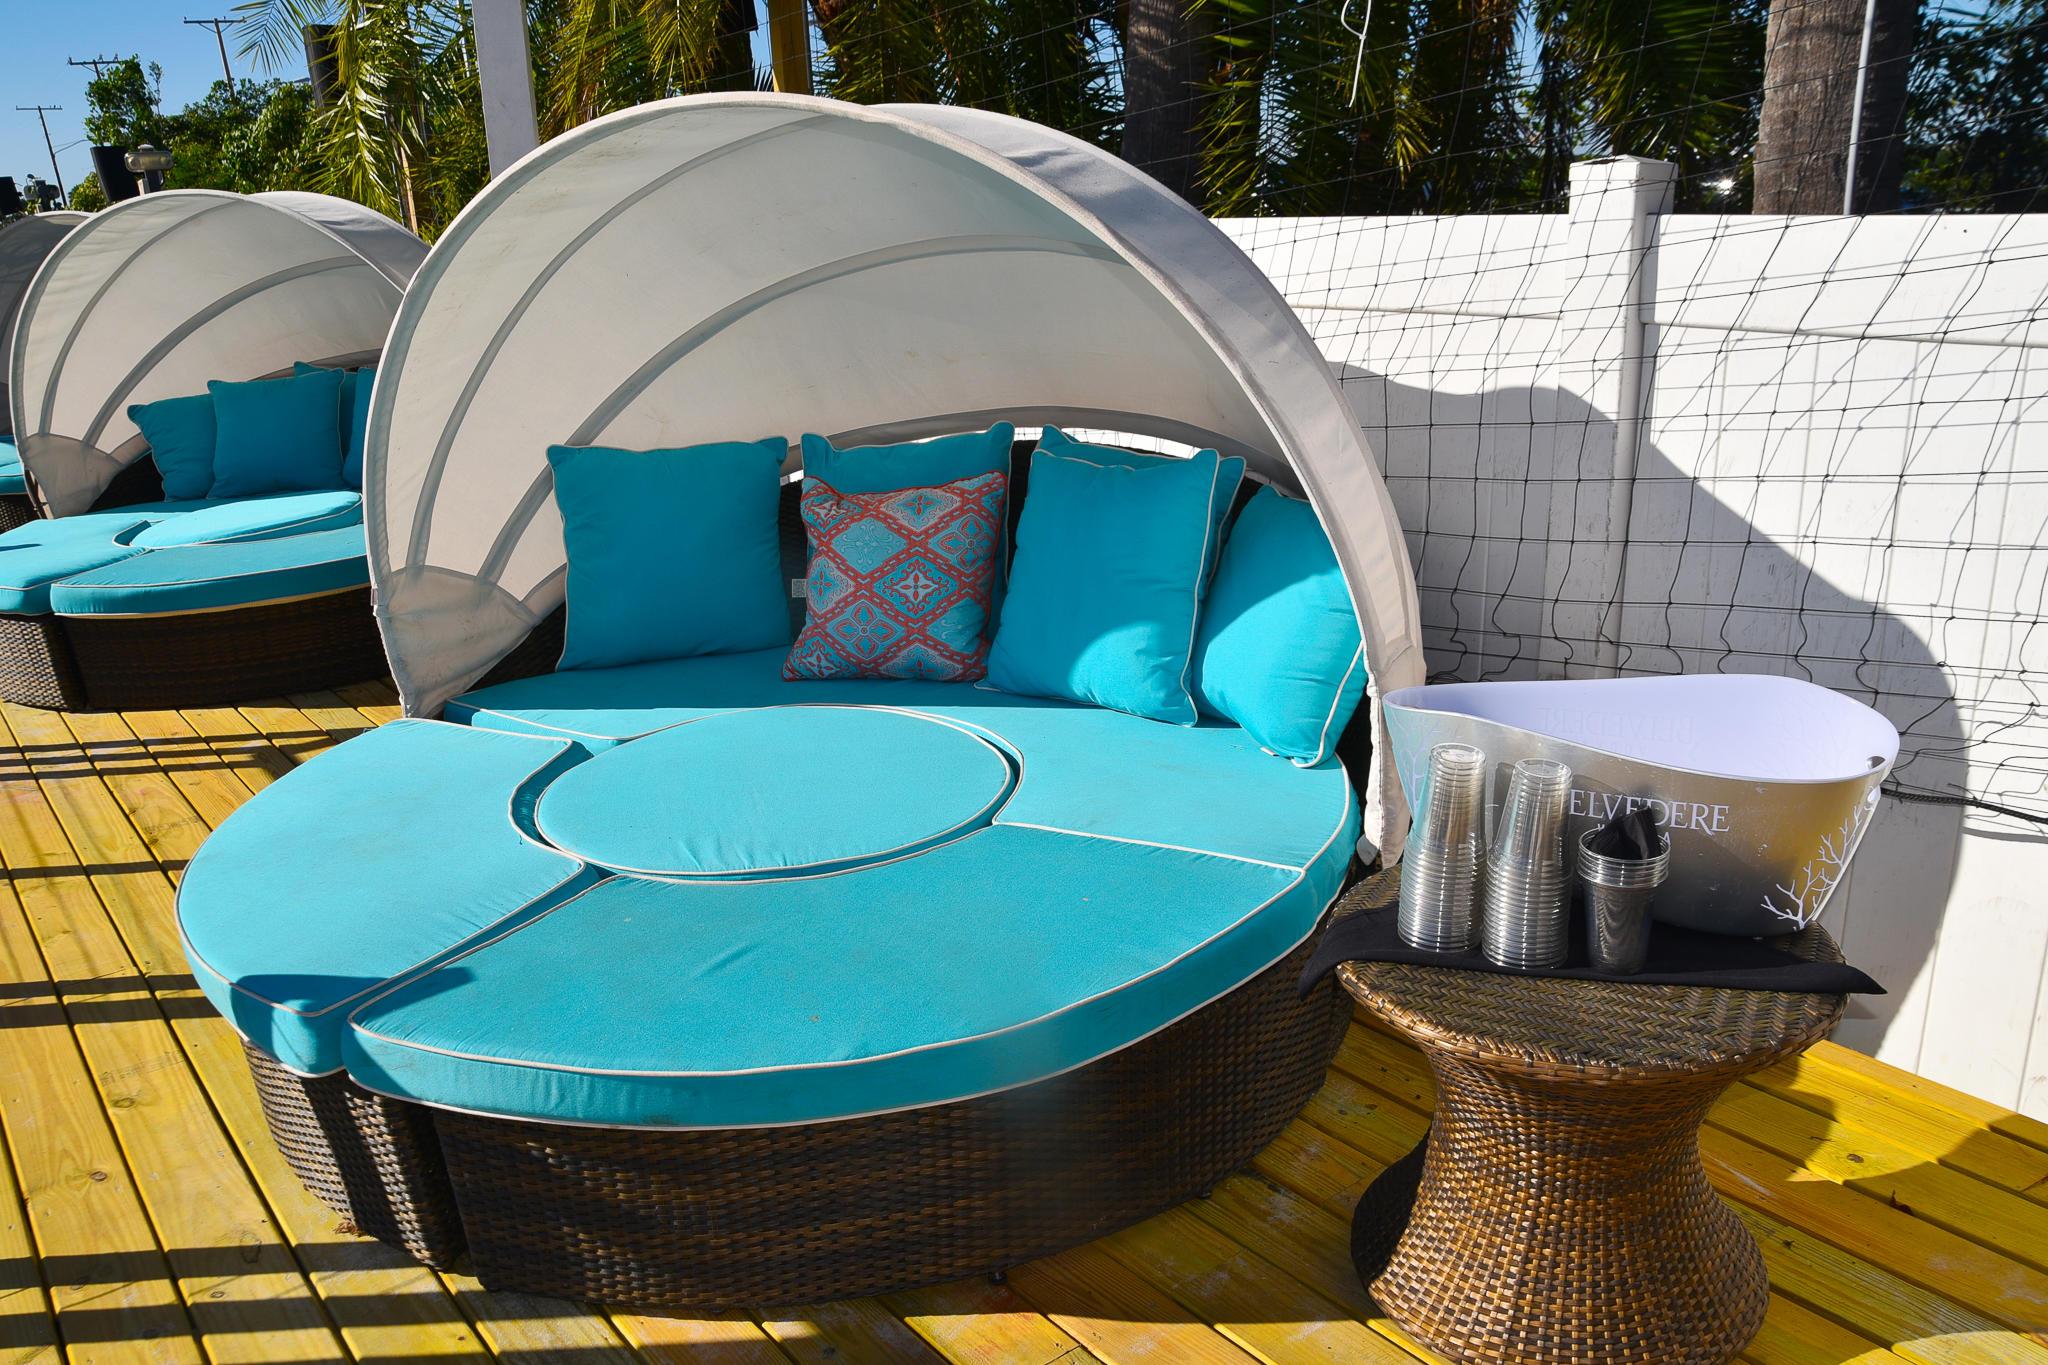 The Godfrey Hotel & Cabanas Tampa image 4